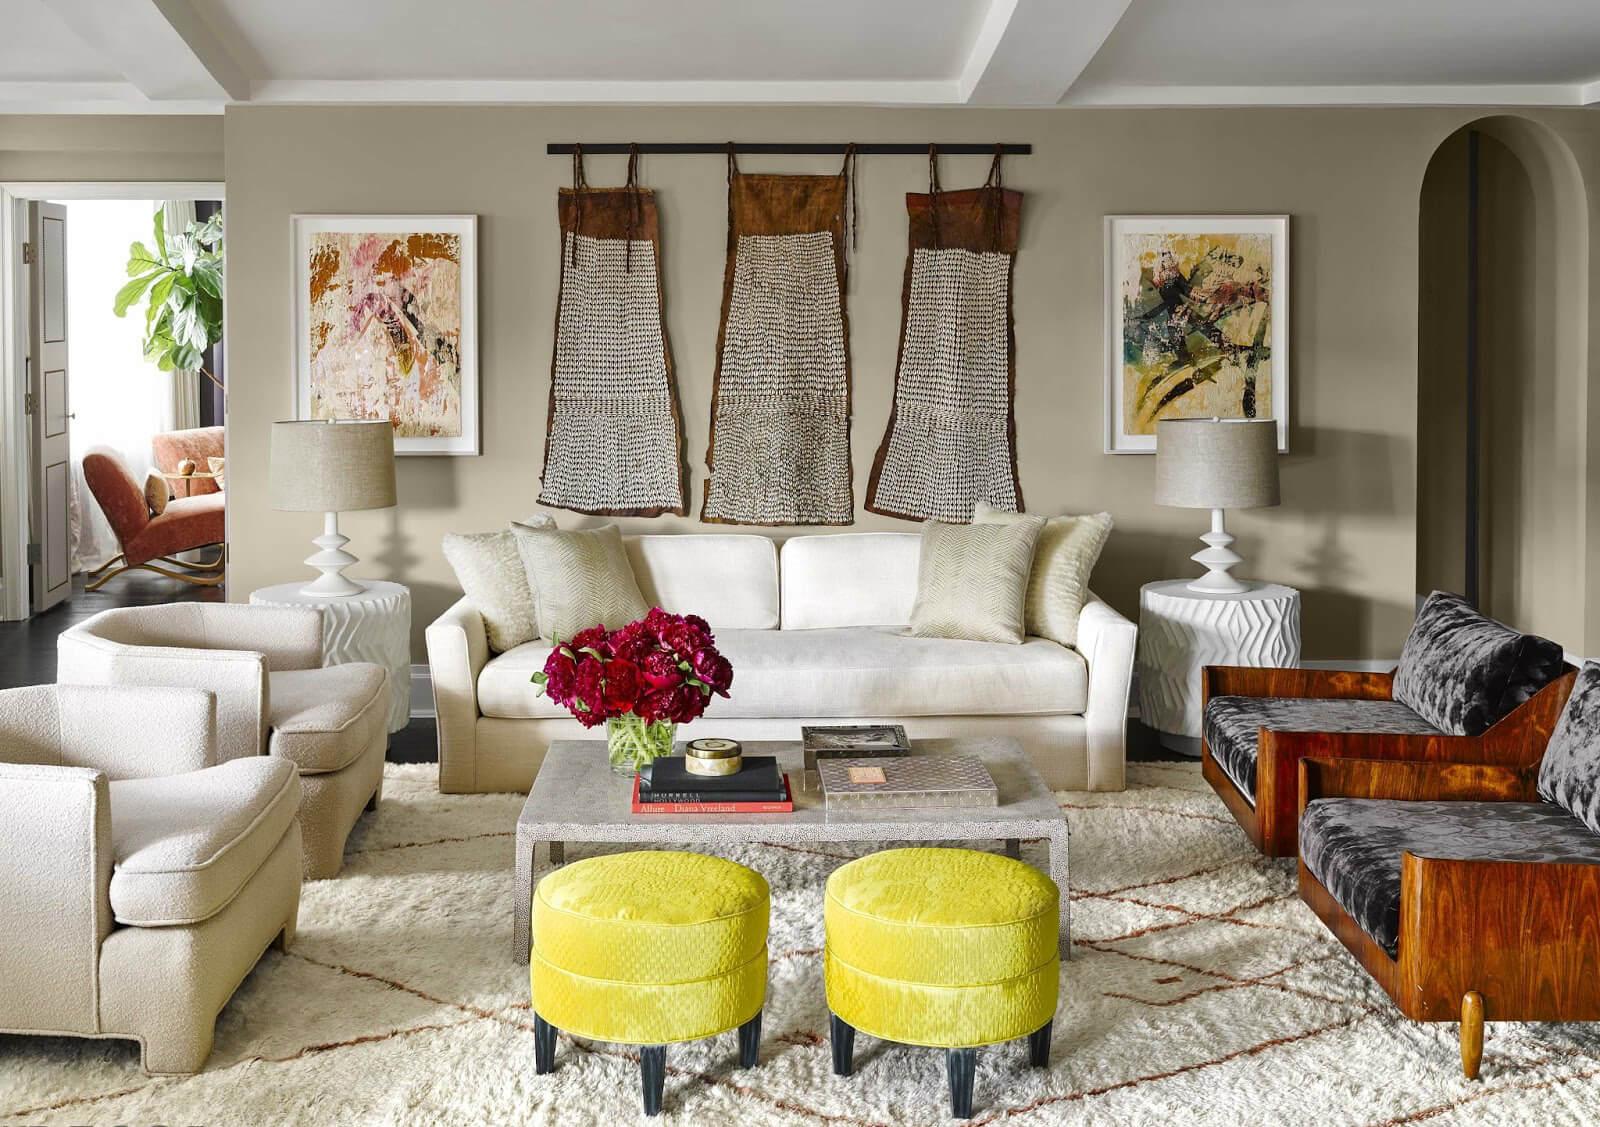 les nouvelles tendances d coration d 39 int rieur pour 2019. Black Bedroom Furniture Sets. Home Design Ideas